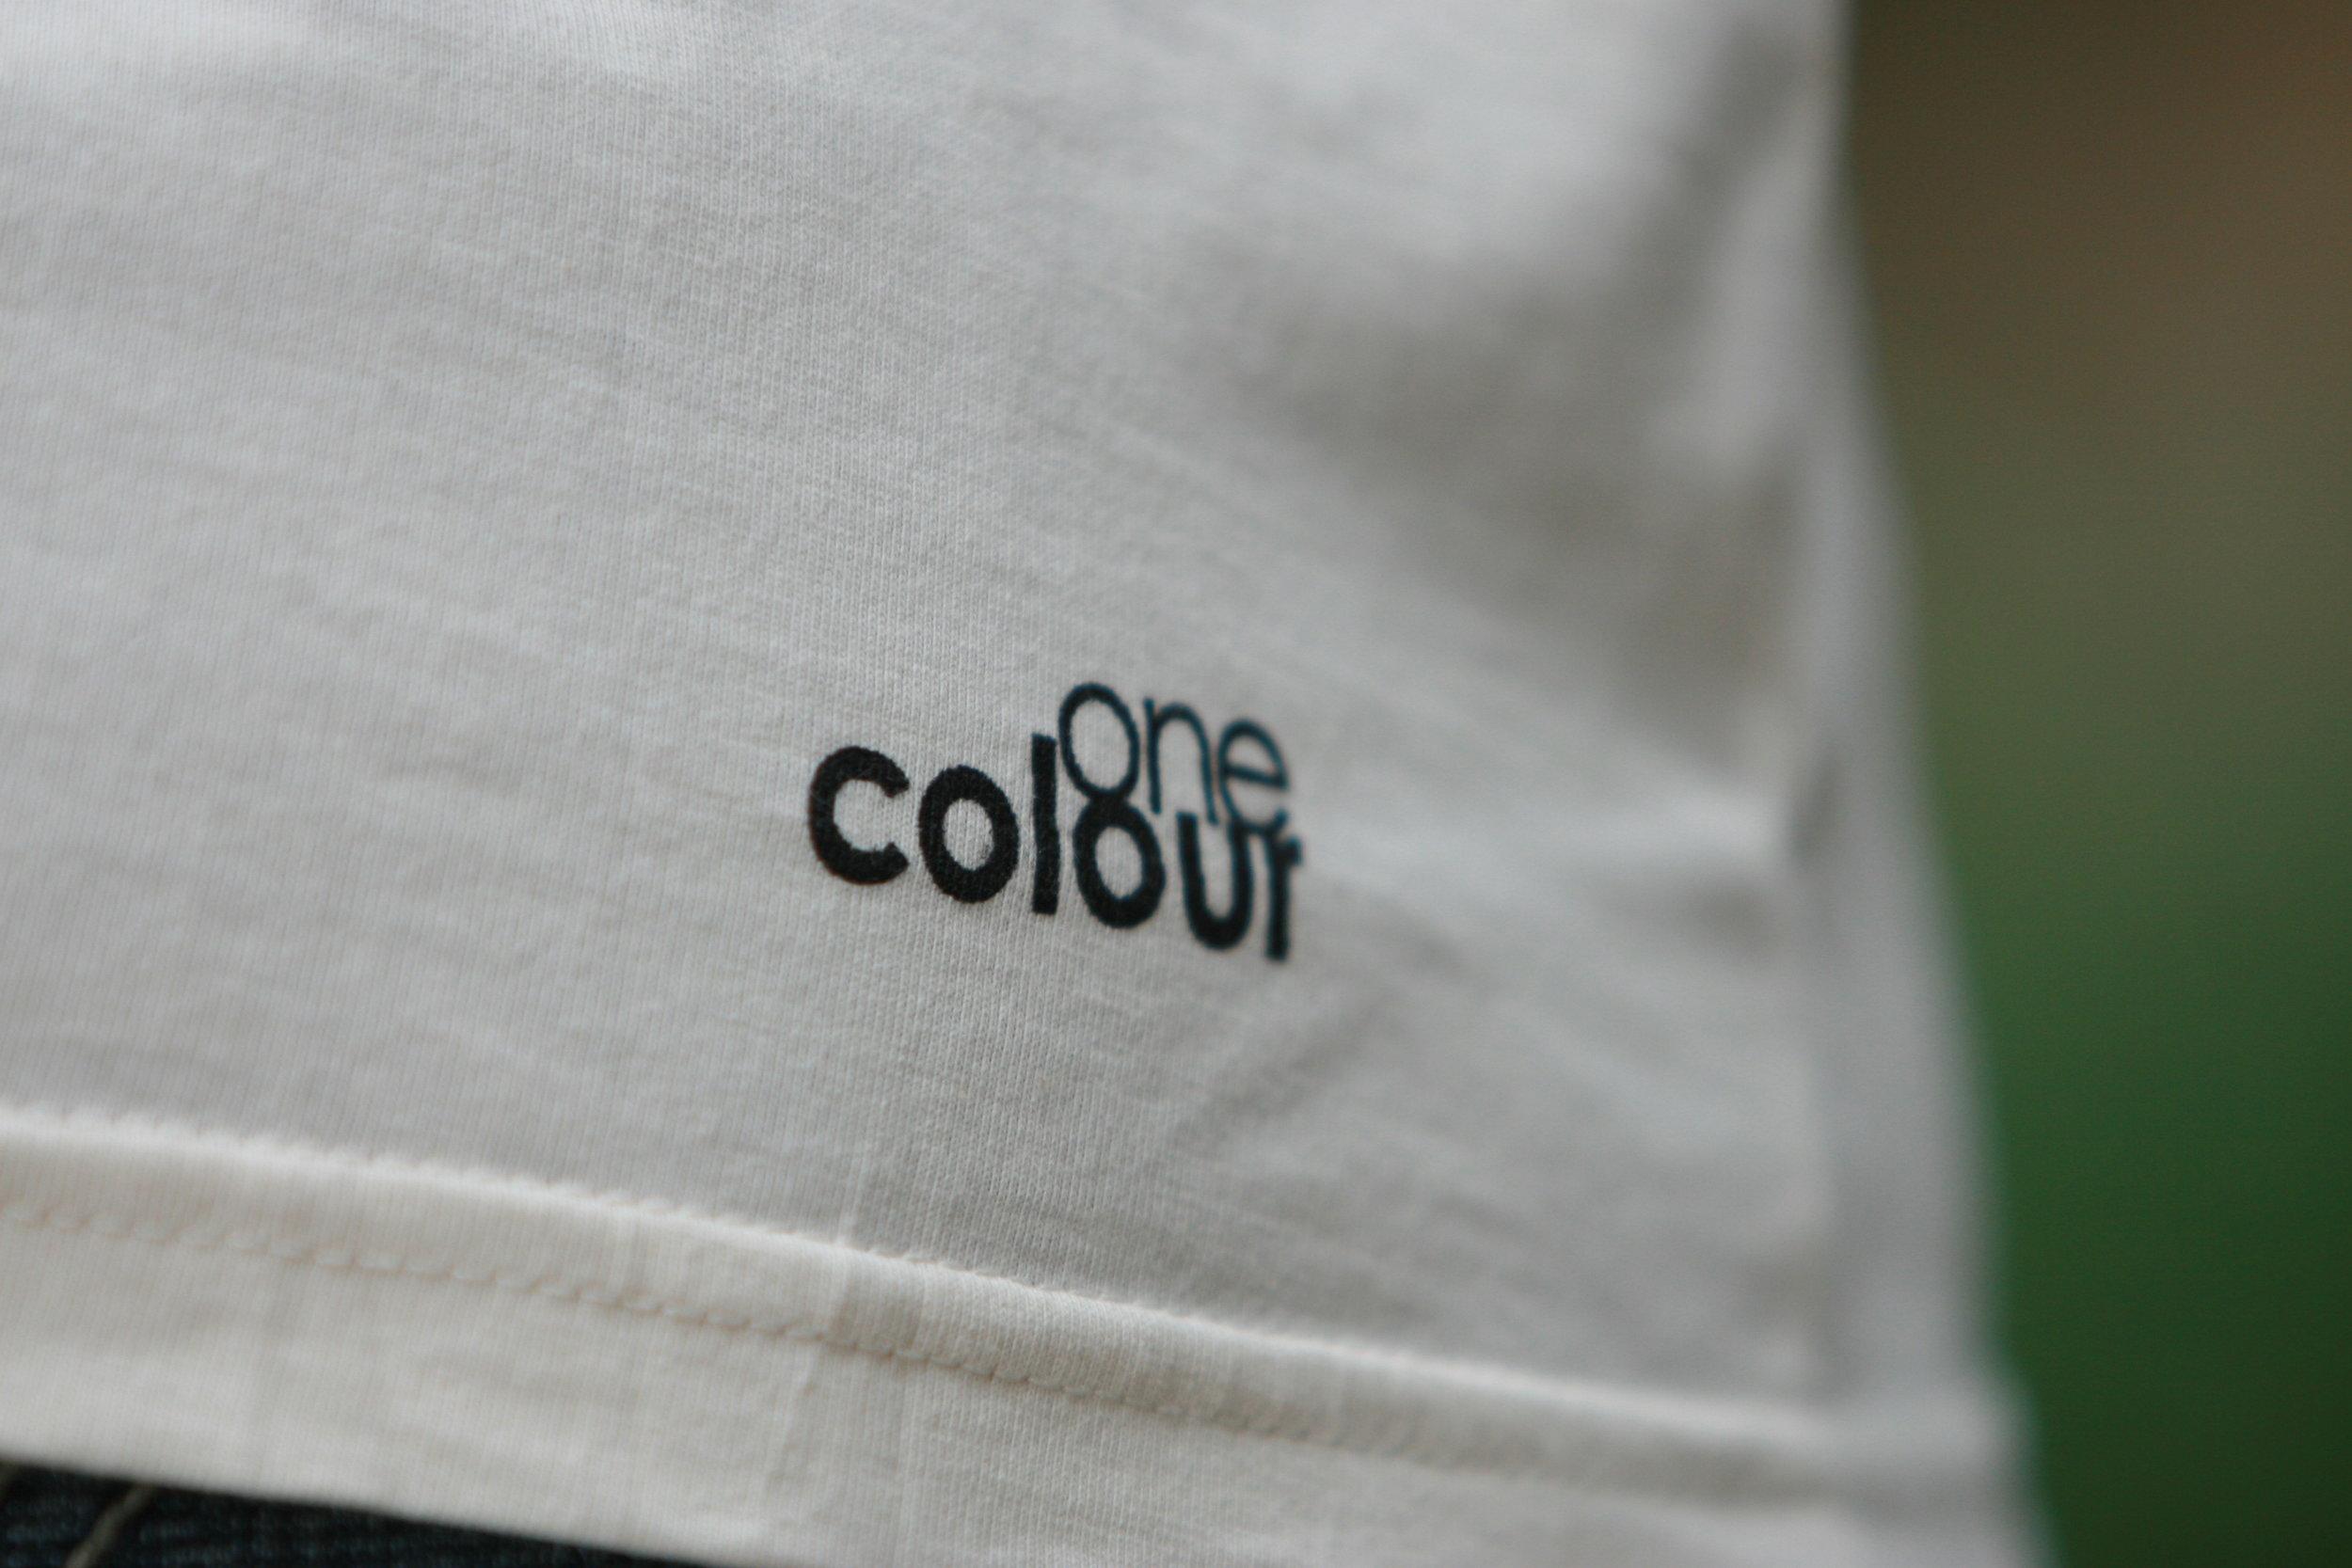 OneColourlogo1.JPG